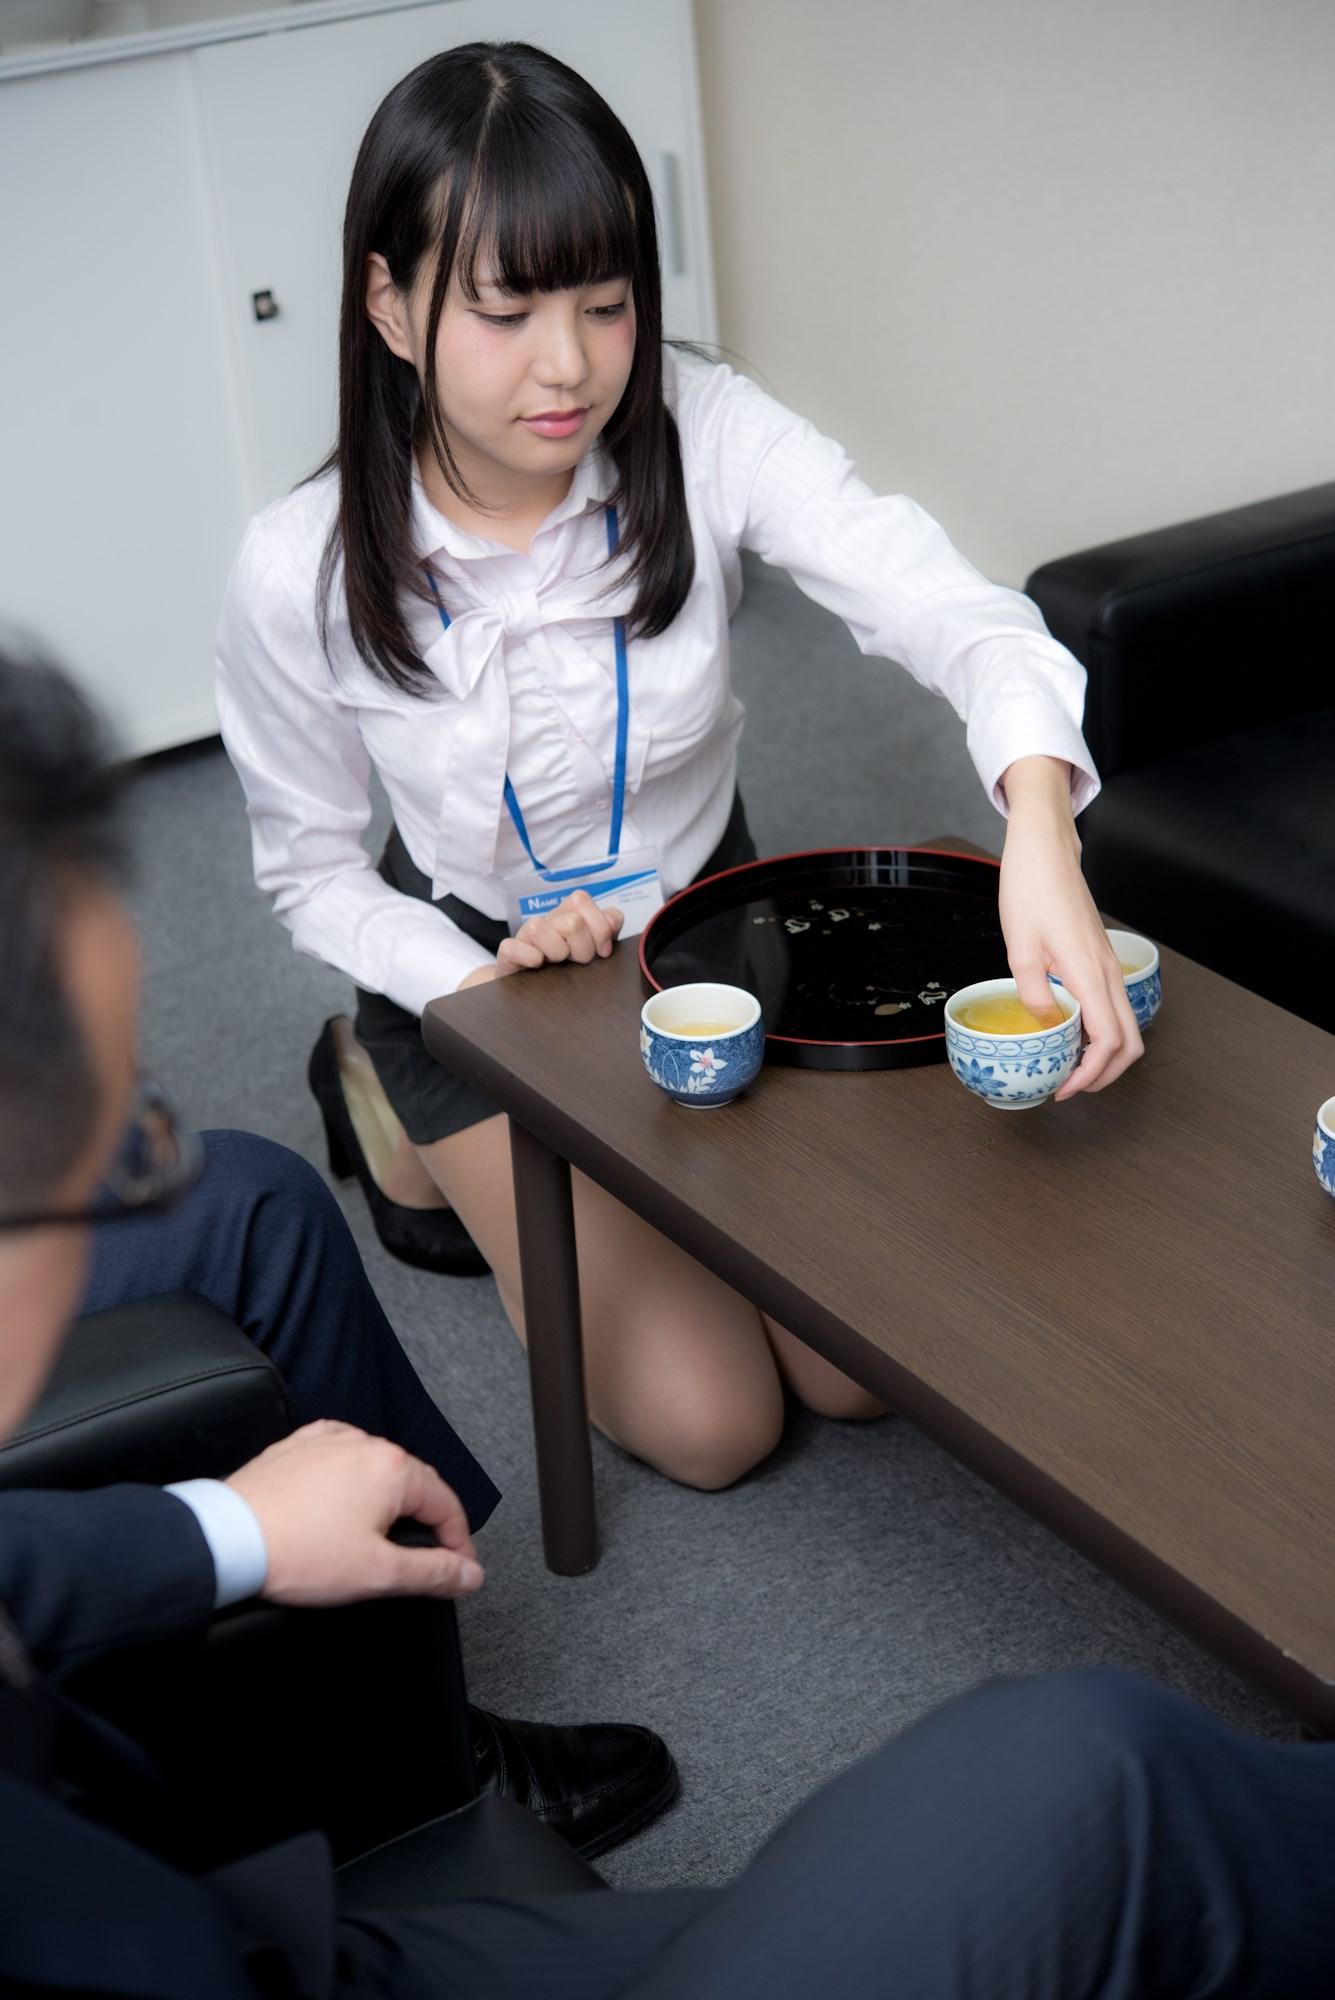 【兔玩映画】办公室的爱 兔玩映画 第86张